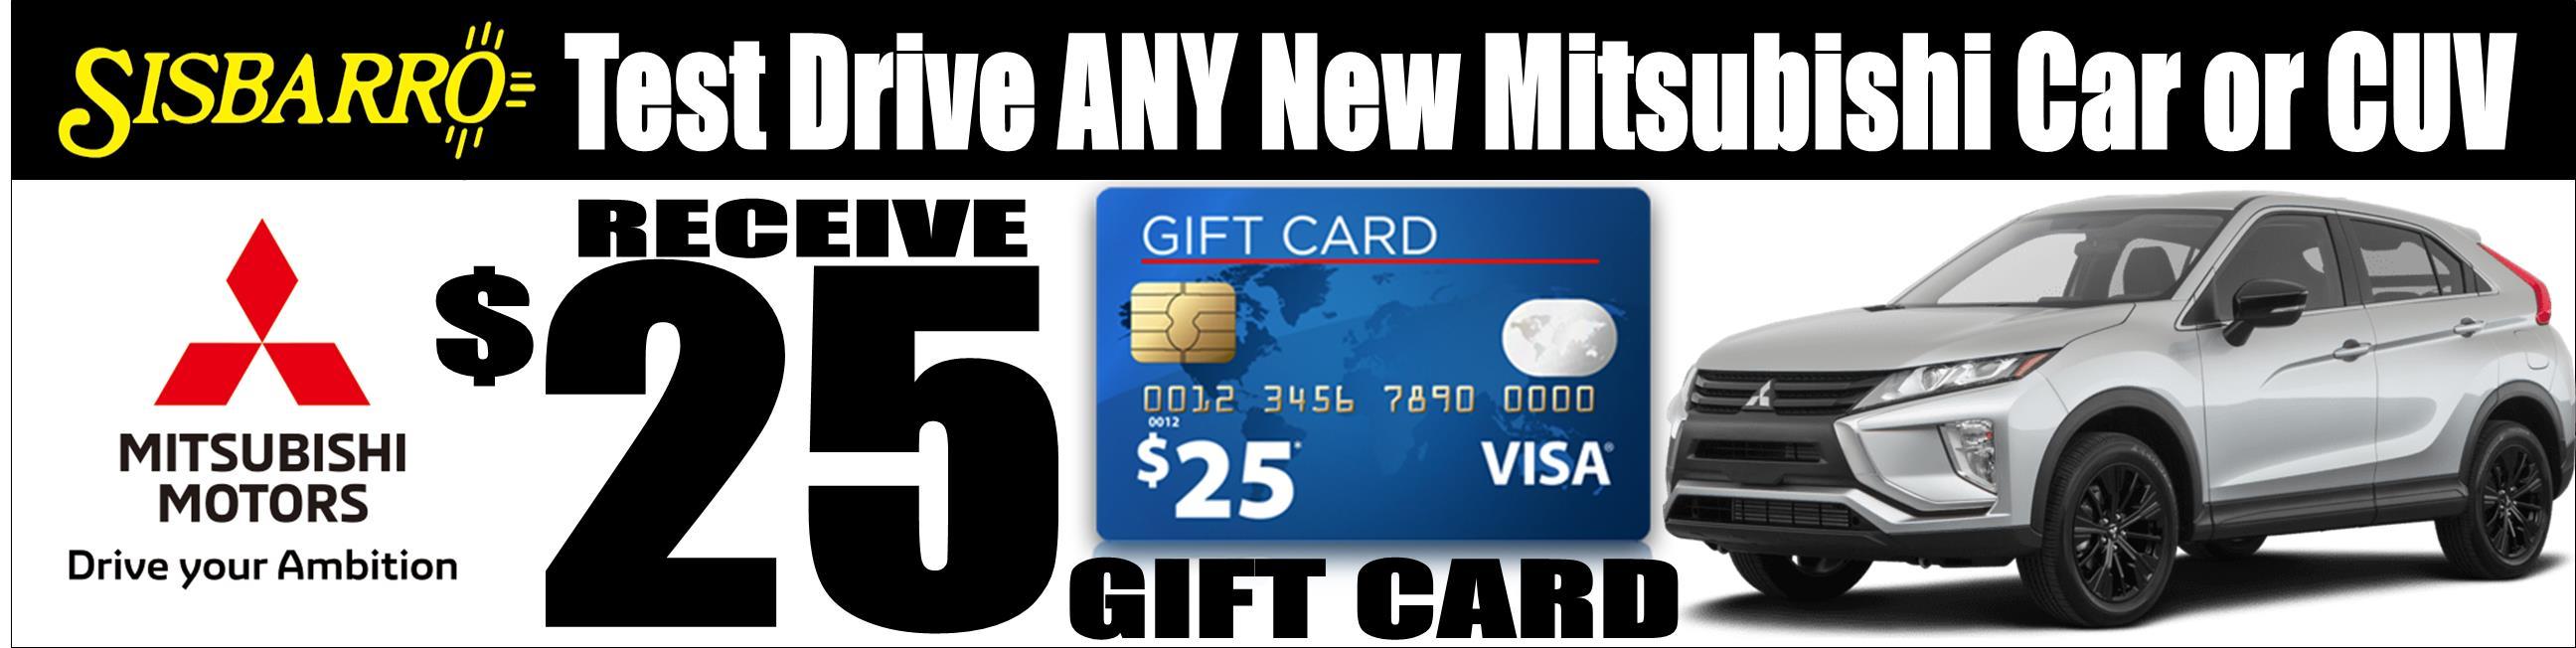 Sisbarro Mitsubishi $25.00 Gift Card!